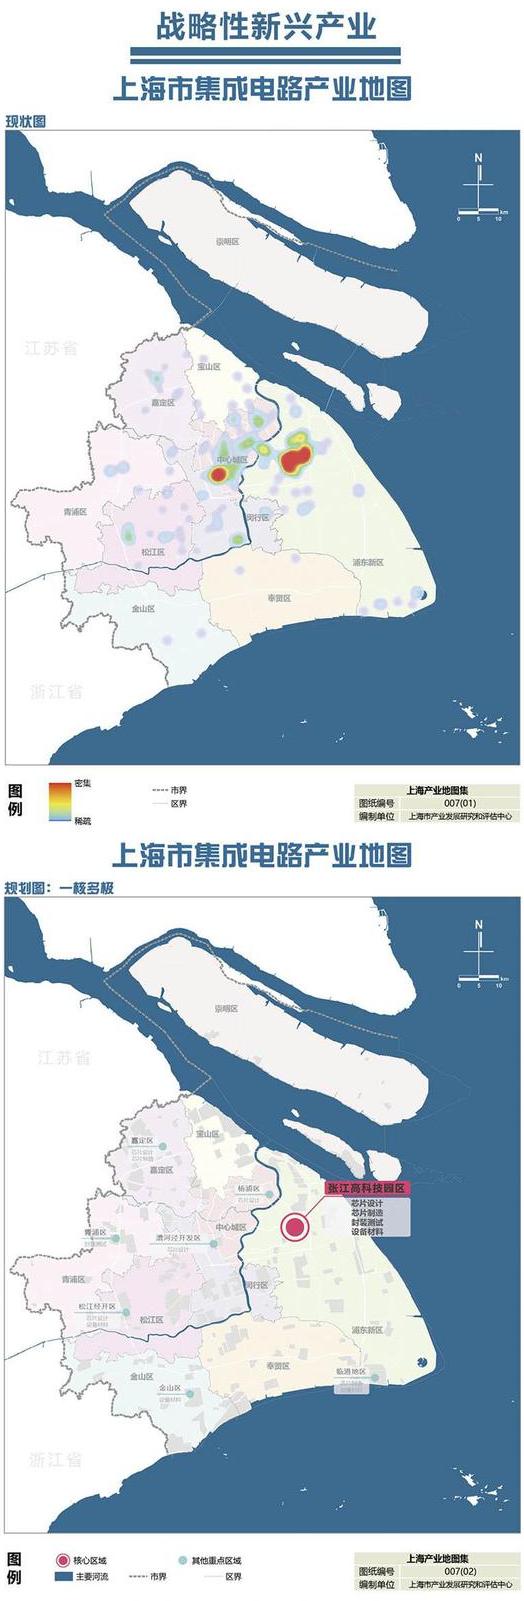 上海未来集成电路产业如何布局?《产业地图》有规划